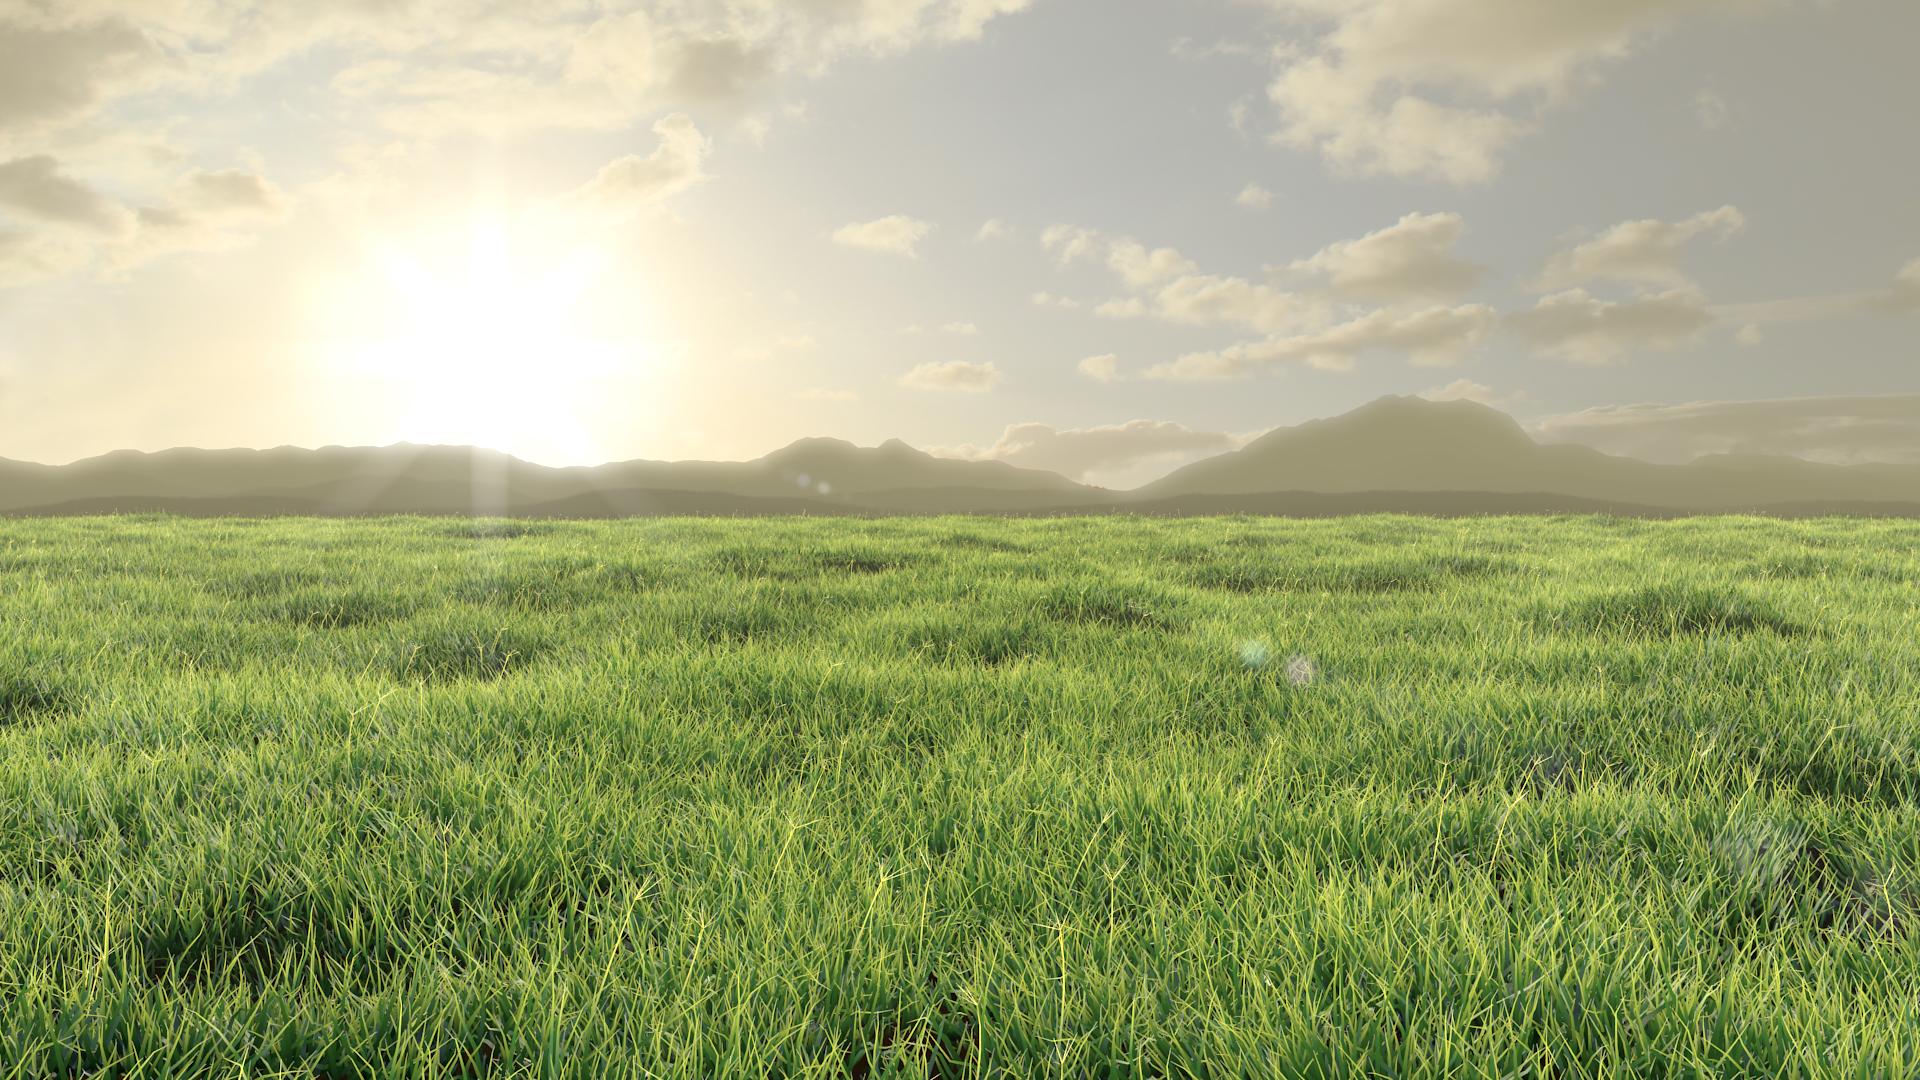 Sunny, grassy plain.